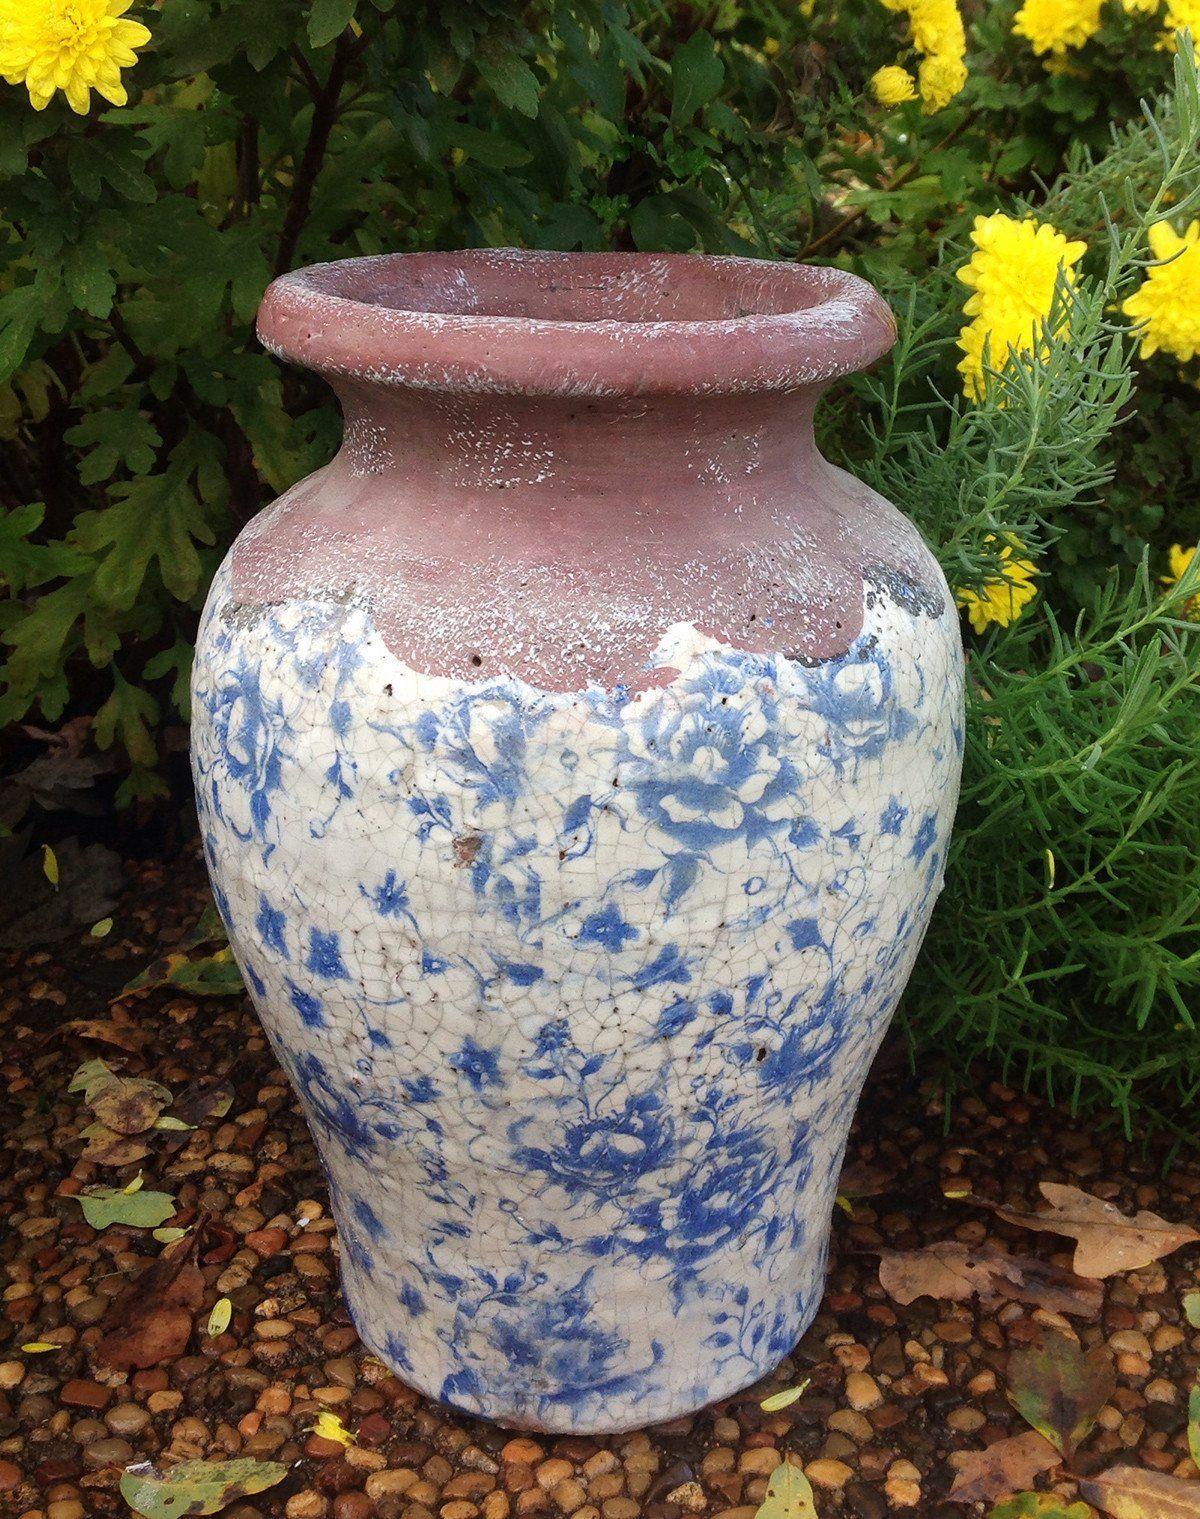 Vintage Blue And White Ceramic Vase Pinterest Dried Flower